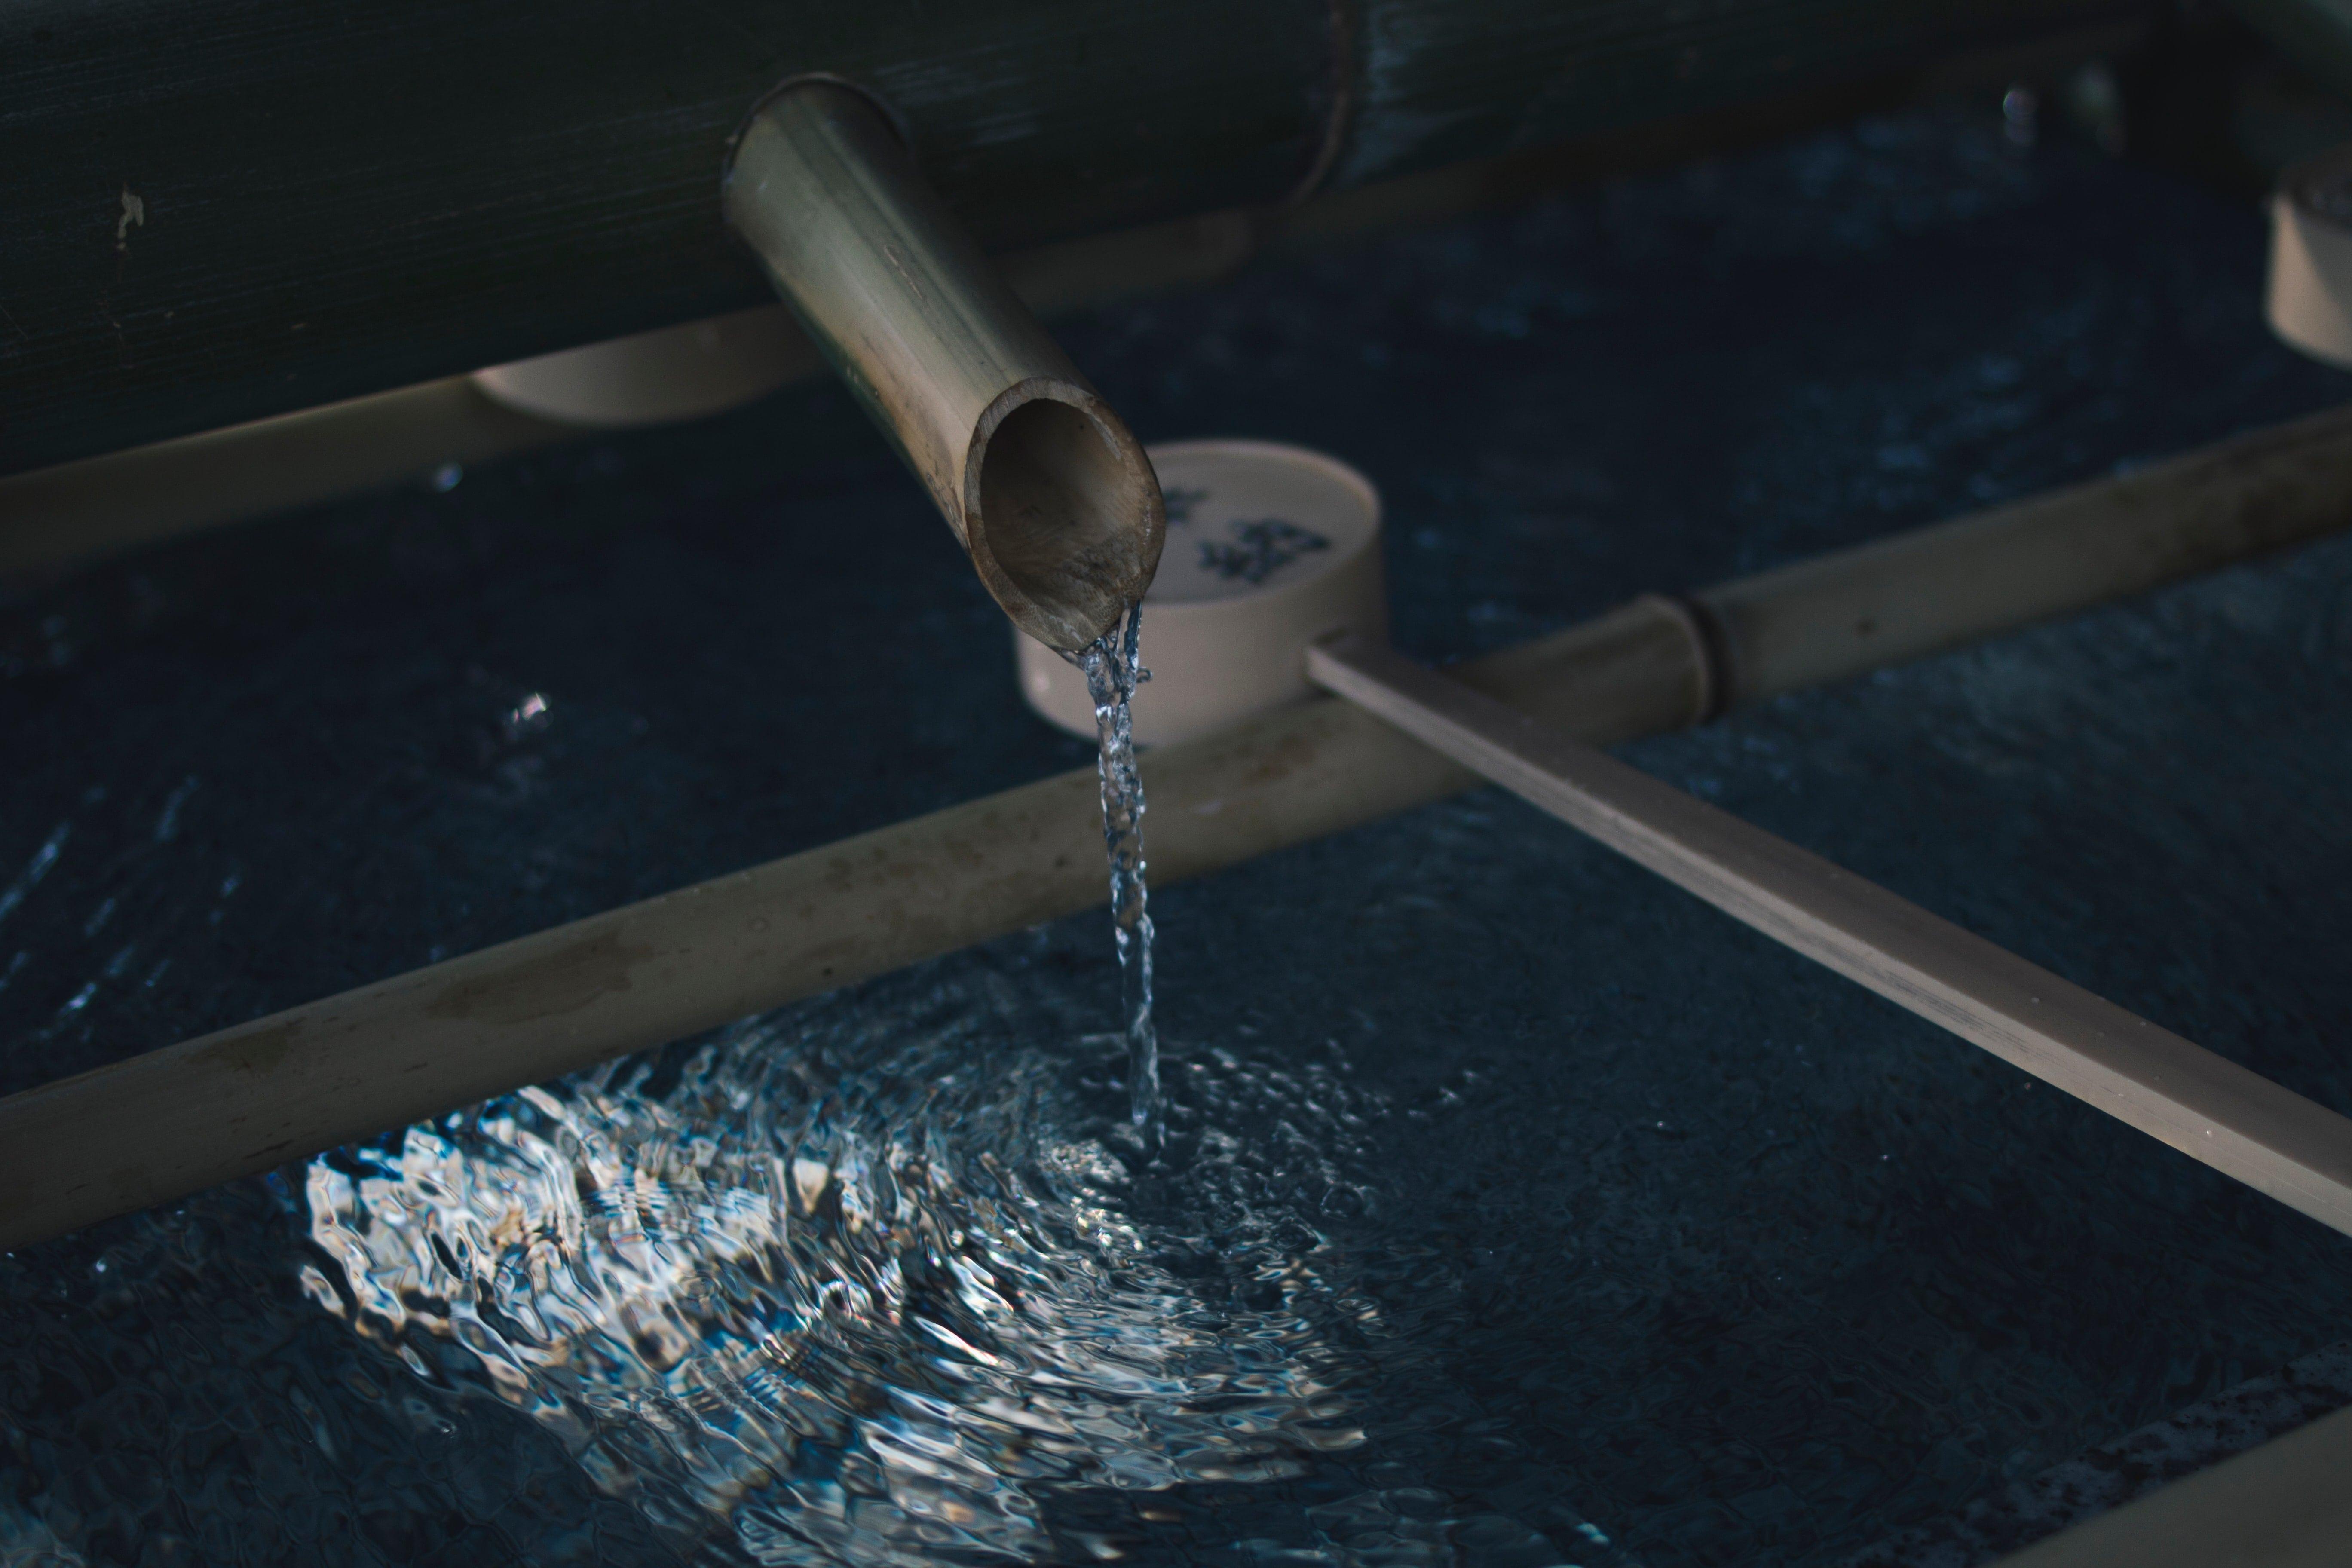 Wasser läuft durch ein Rohr in ein Becken